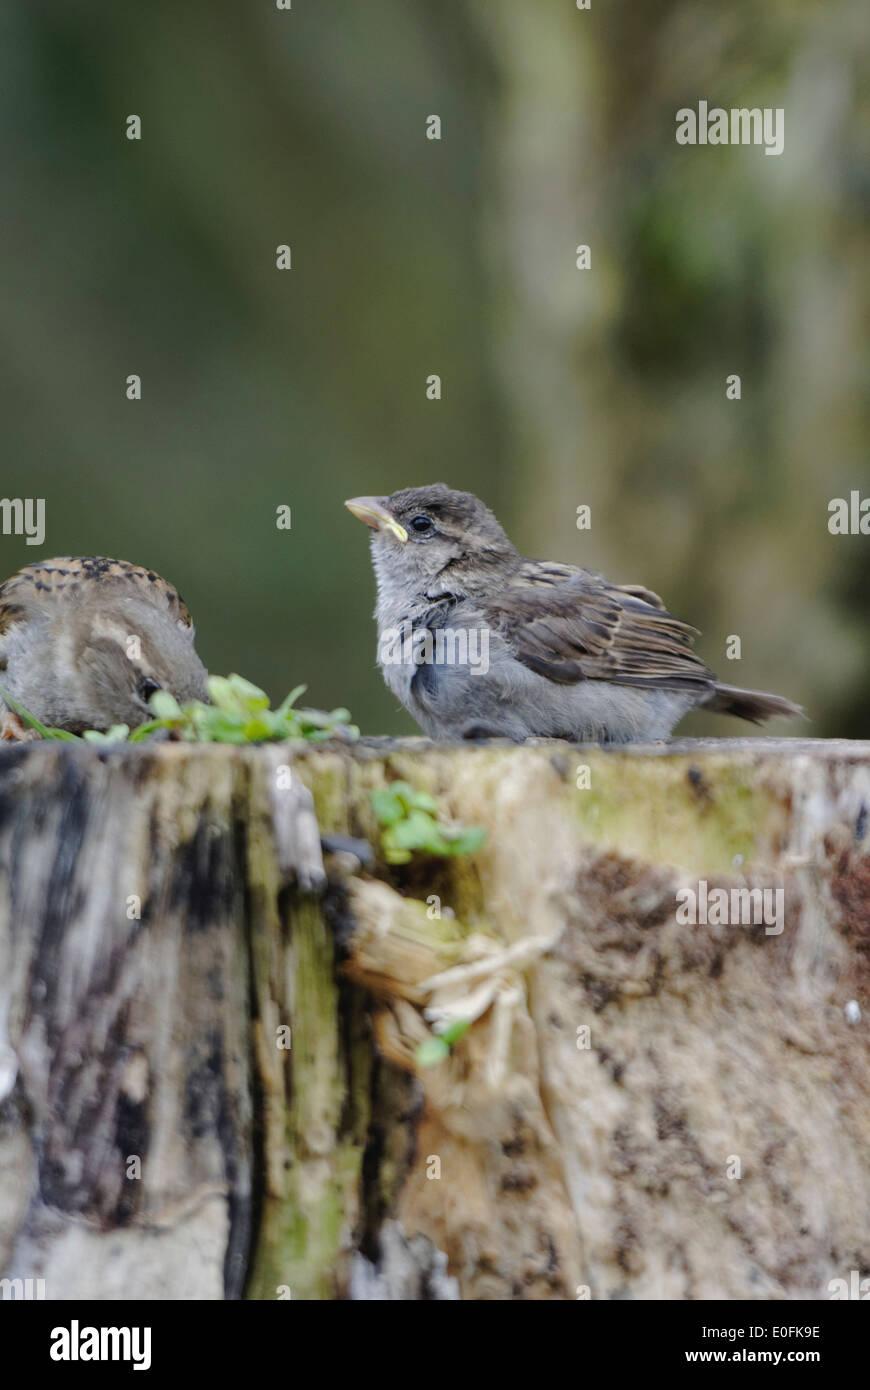 Giardino degli uccelli in Galles: sparrow alimenta la sua giovane e inesperto esigente sul cibo trovato su un ceppo di albero Foto Stock